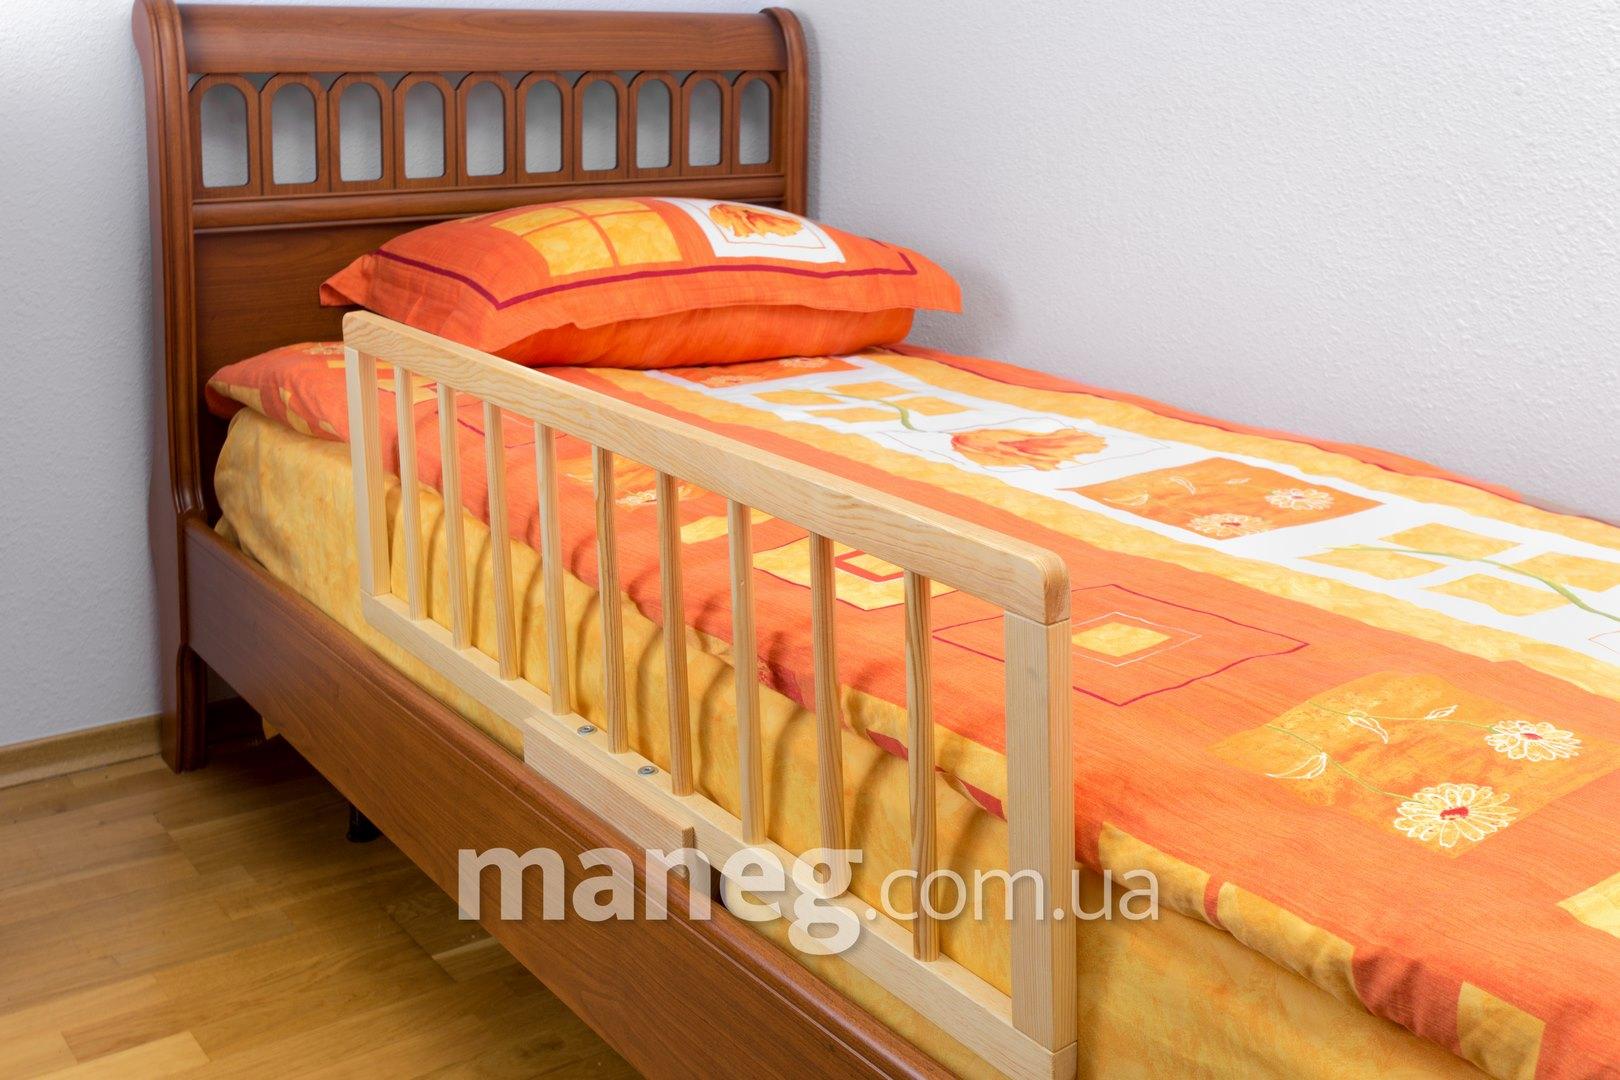 Барьер на кровать как сделать самим